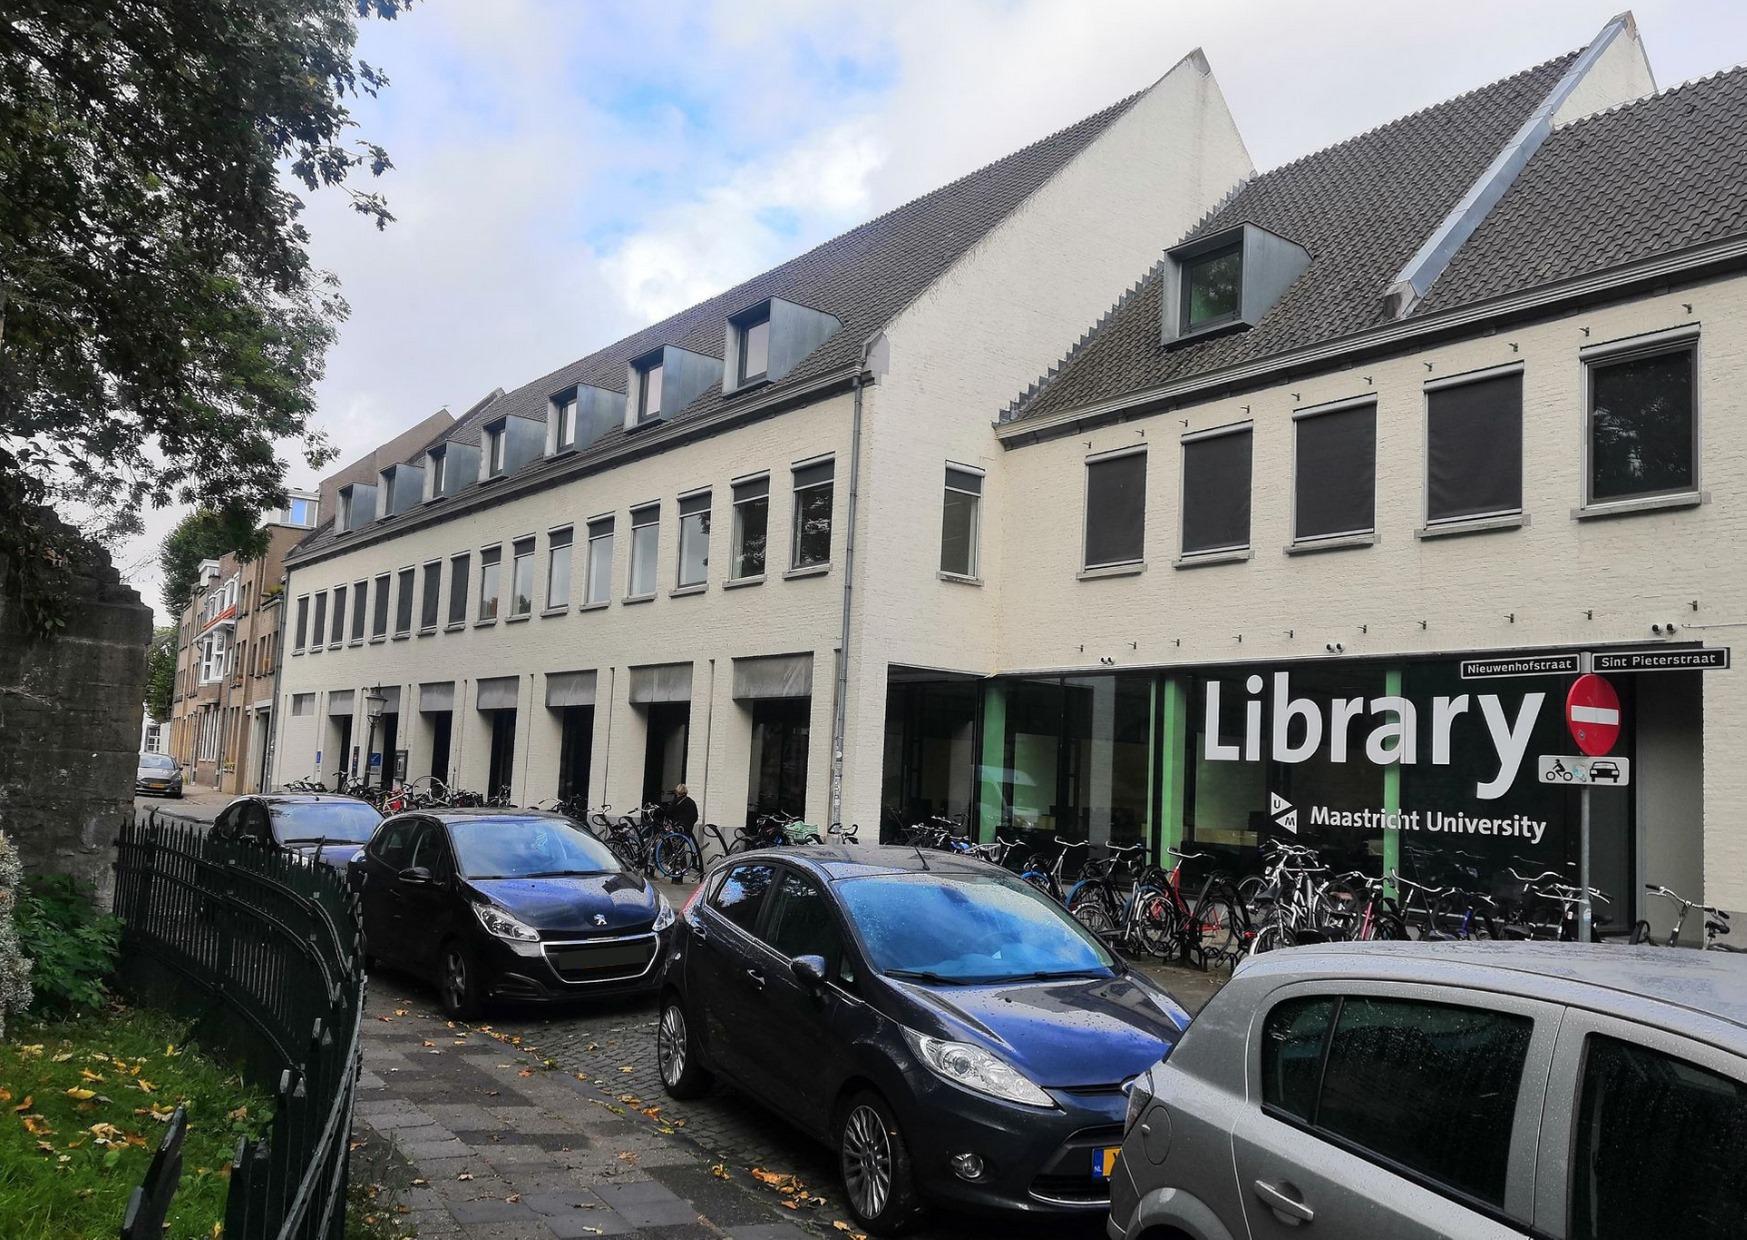 Библиотека Maastricht University